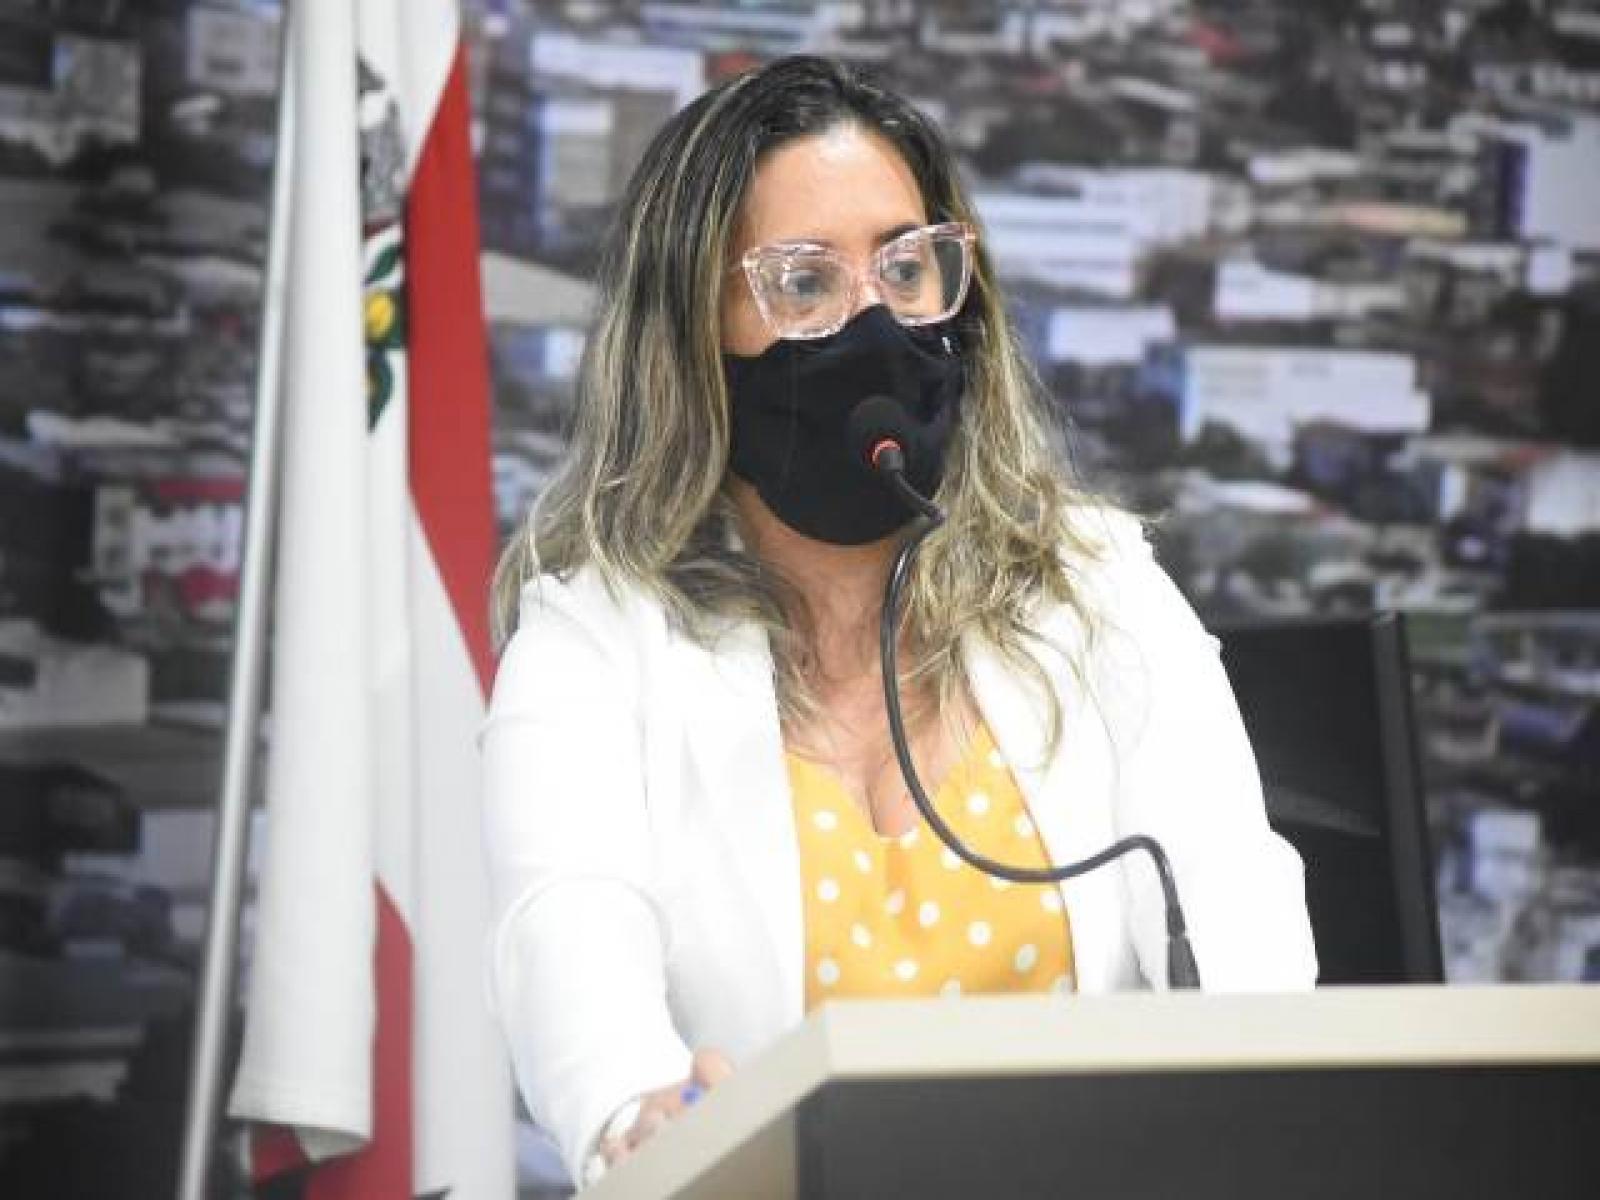 Moana Meira quer implantação de Programa de Prevenção Obesidade Zero nas escolas